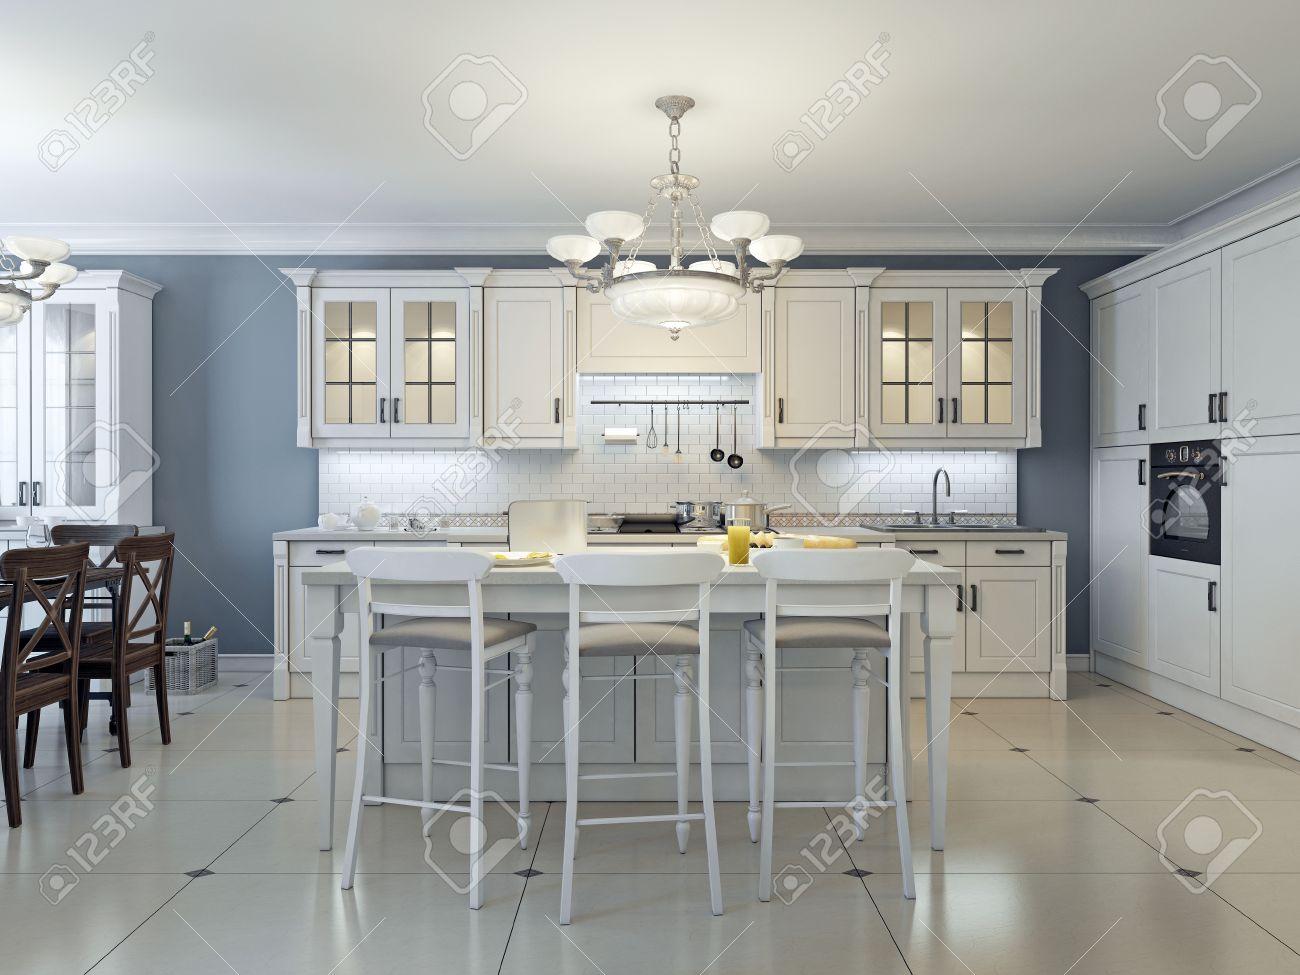 Art brillant conception de cuisine déco. Armoires de verre avant, appareils  en acier inoxydable, armoires blanches, des comptoirs en marbre blanc, ...